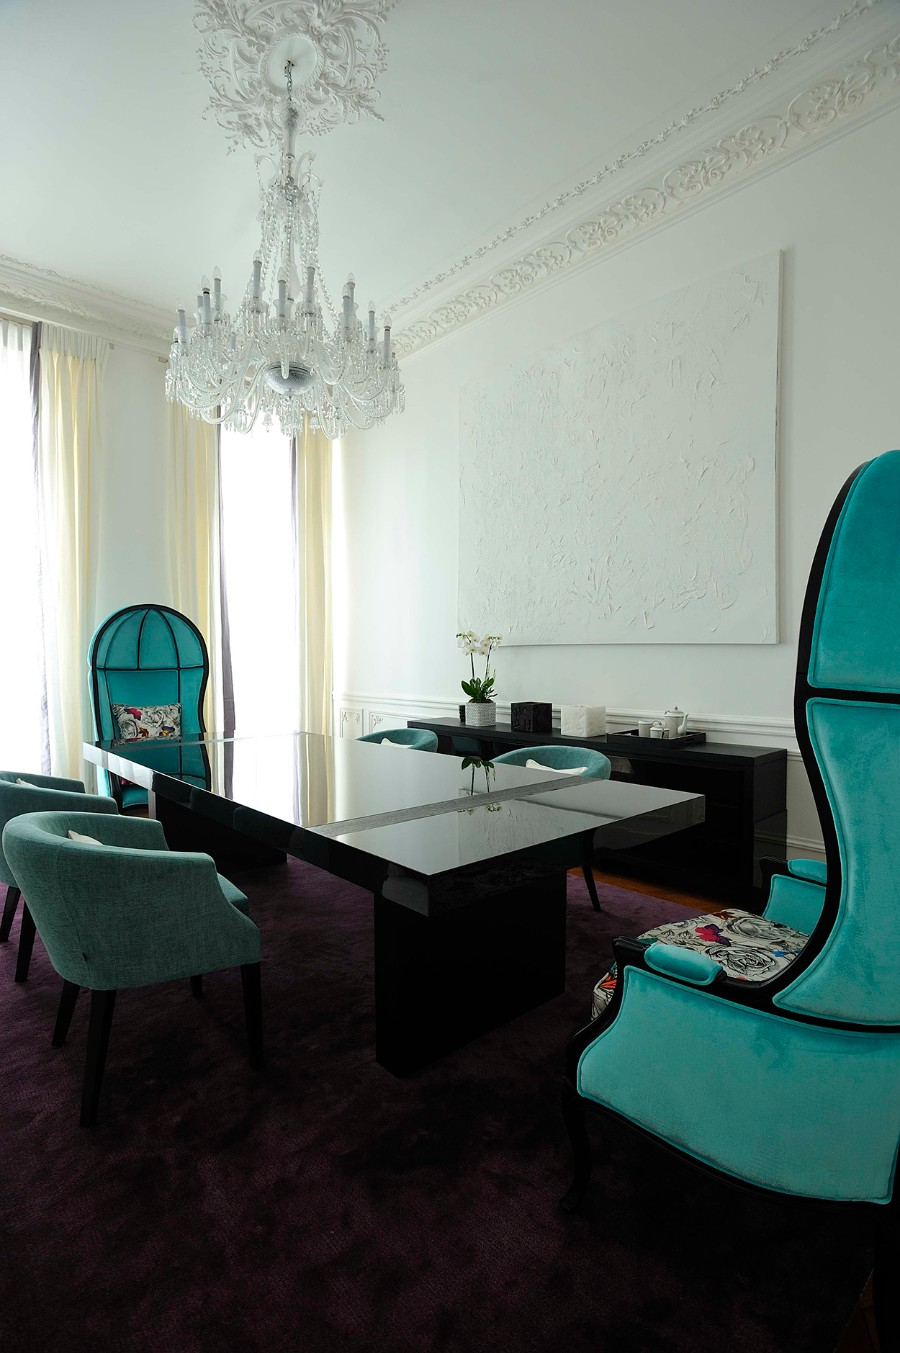 Lighting Ideas TOP 10 Lighting Ideas For A Modern Dining Room Design TOP 10 Lighting Ideas For A Modern Dining Room Design 7